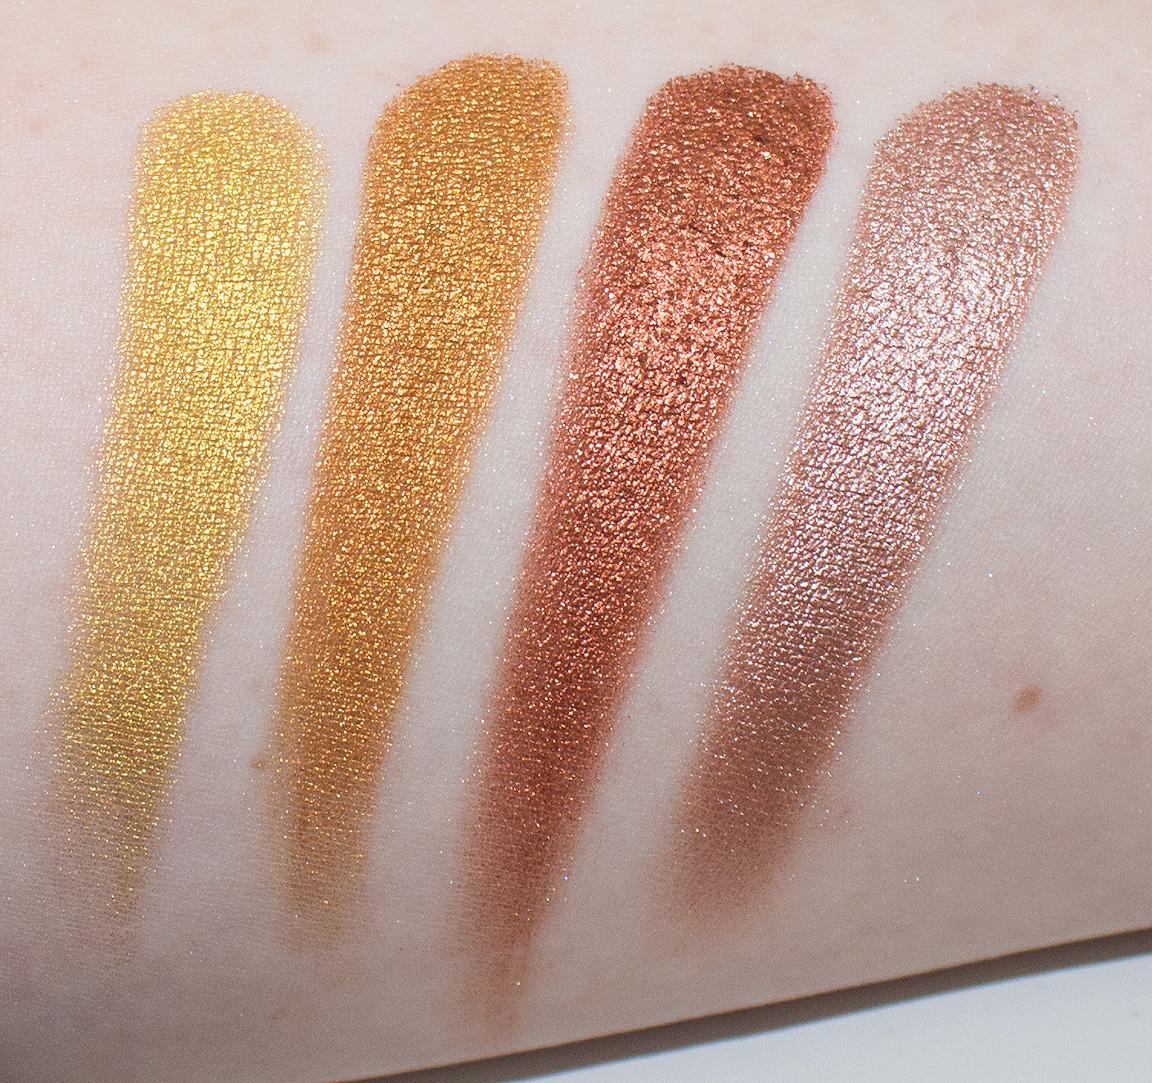 Makeup Geek Foiled Eyeshadow Grandstand Review